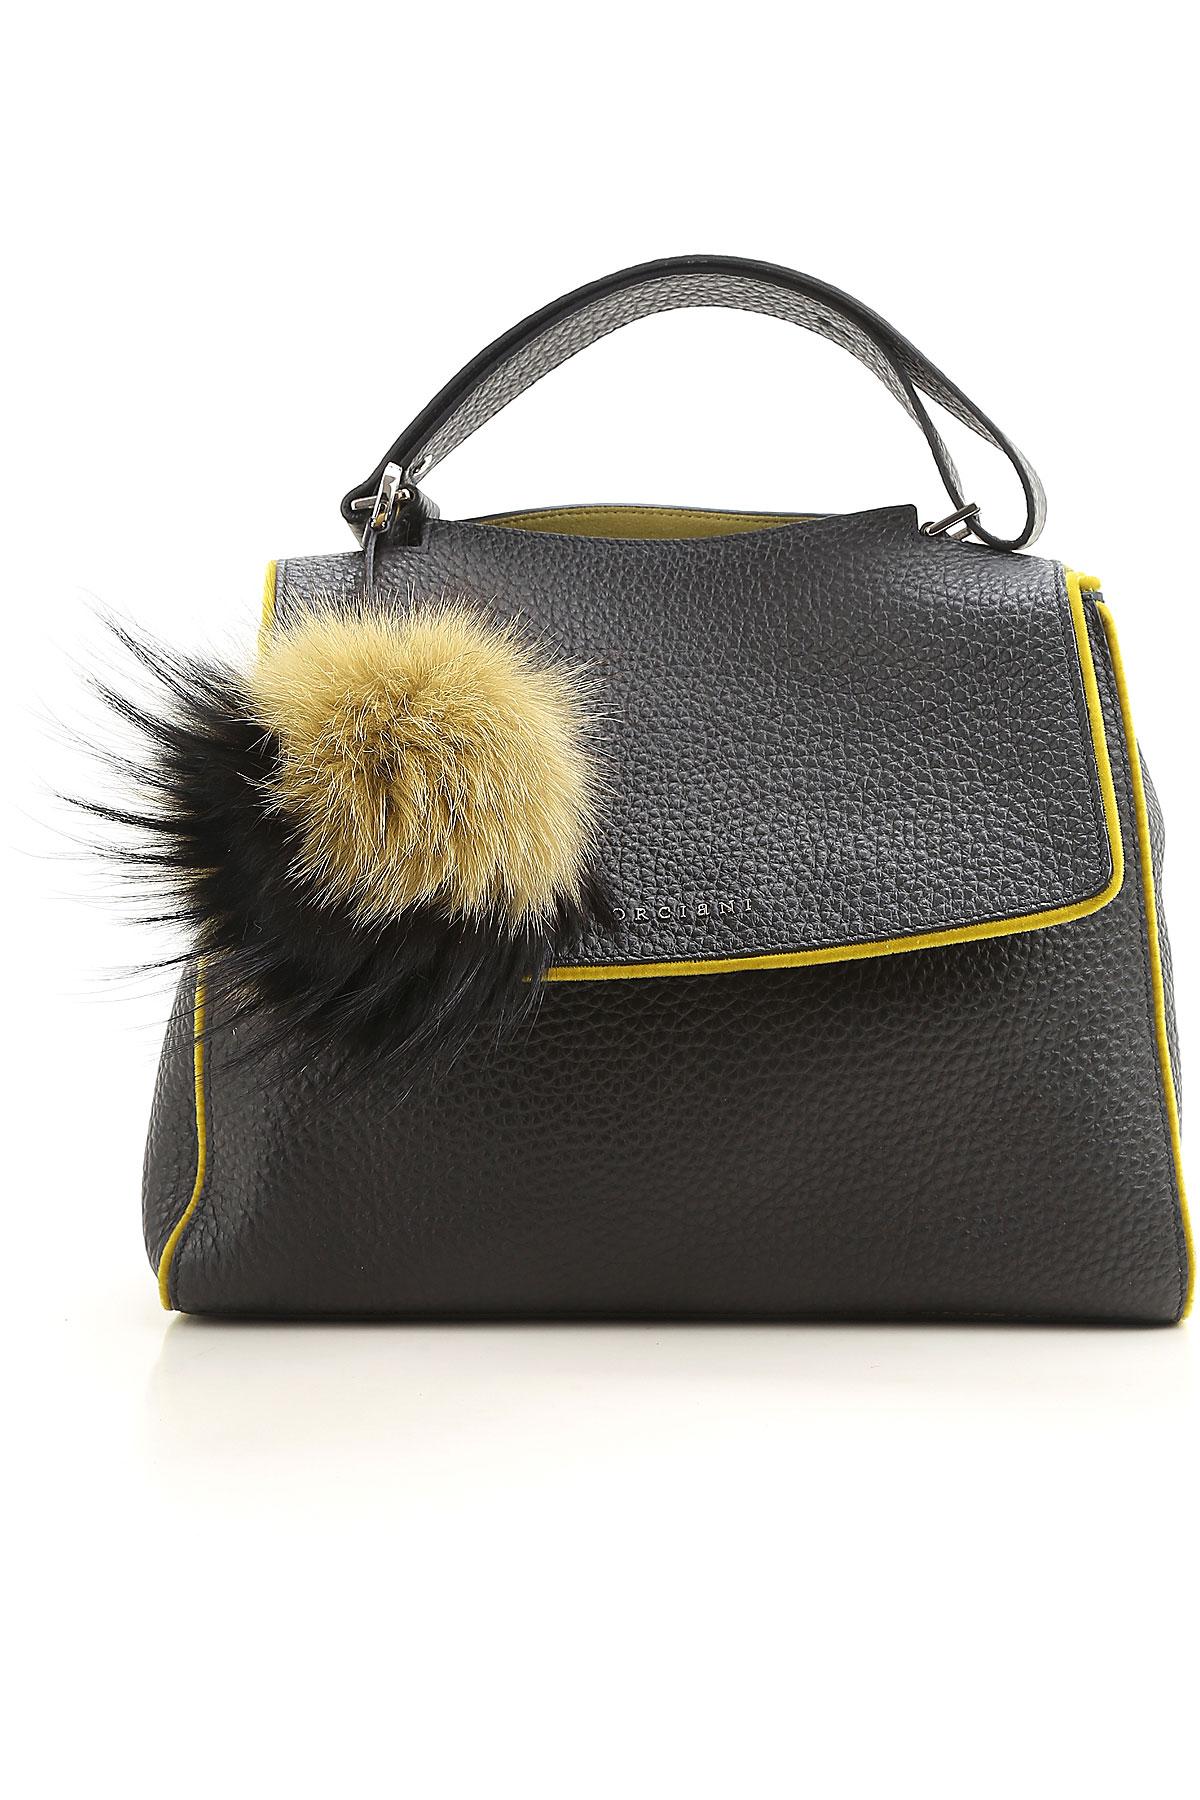 Image of Orciani Shoulder Bag for Women, Black, Leather, 2017